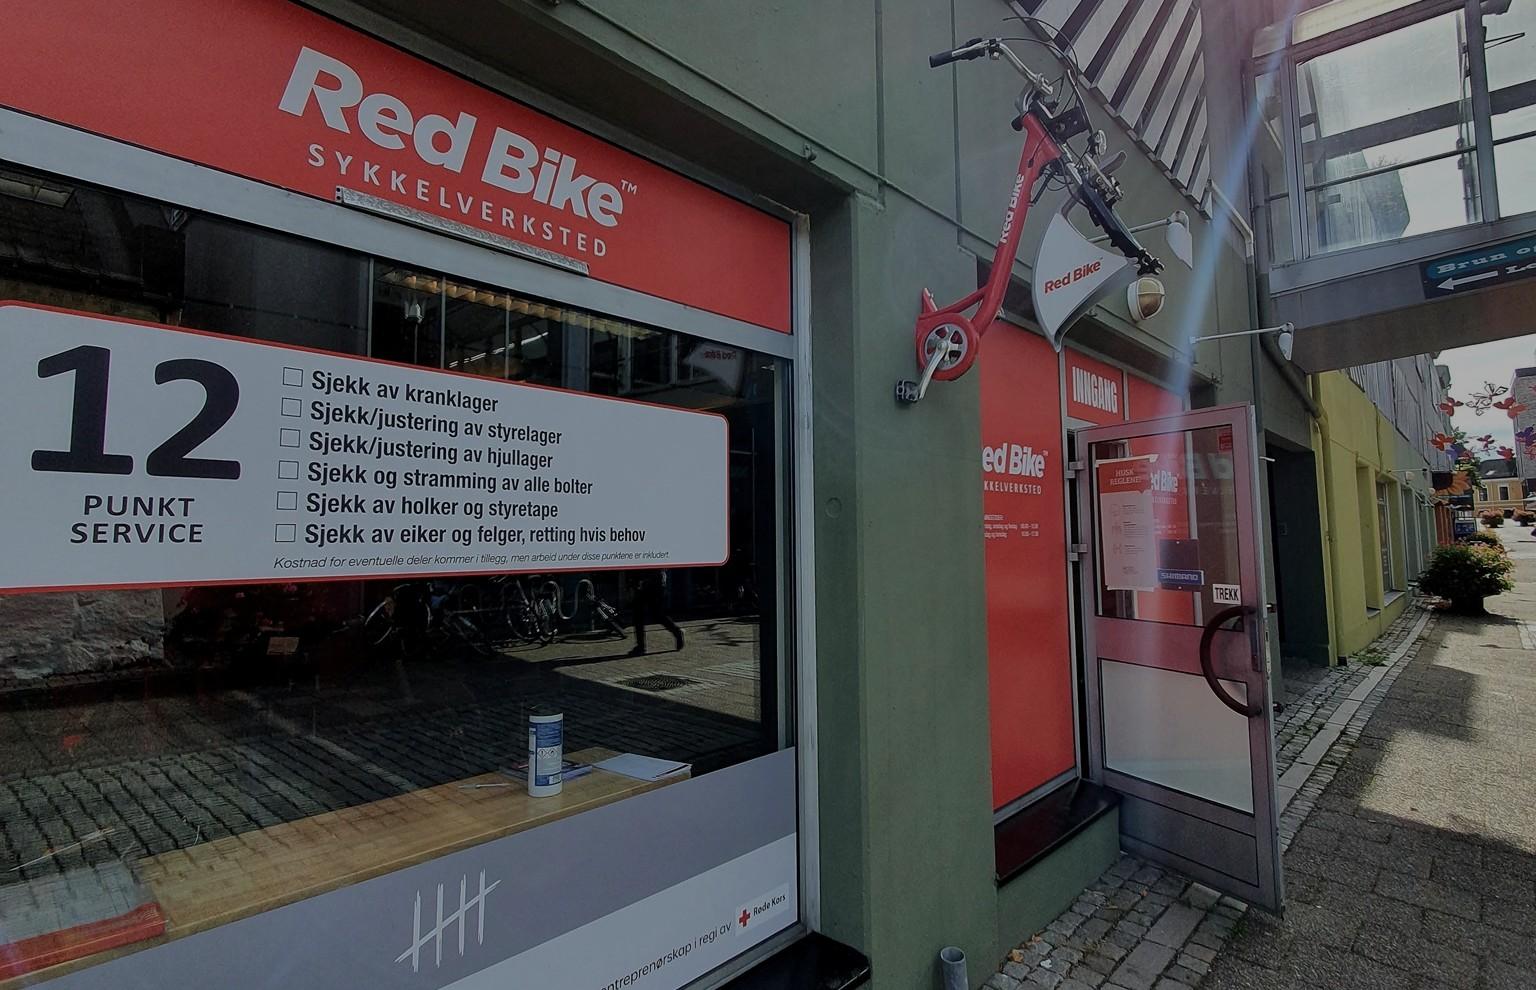 Ditt lokale sykkelverksted